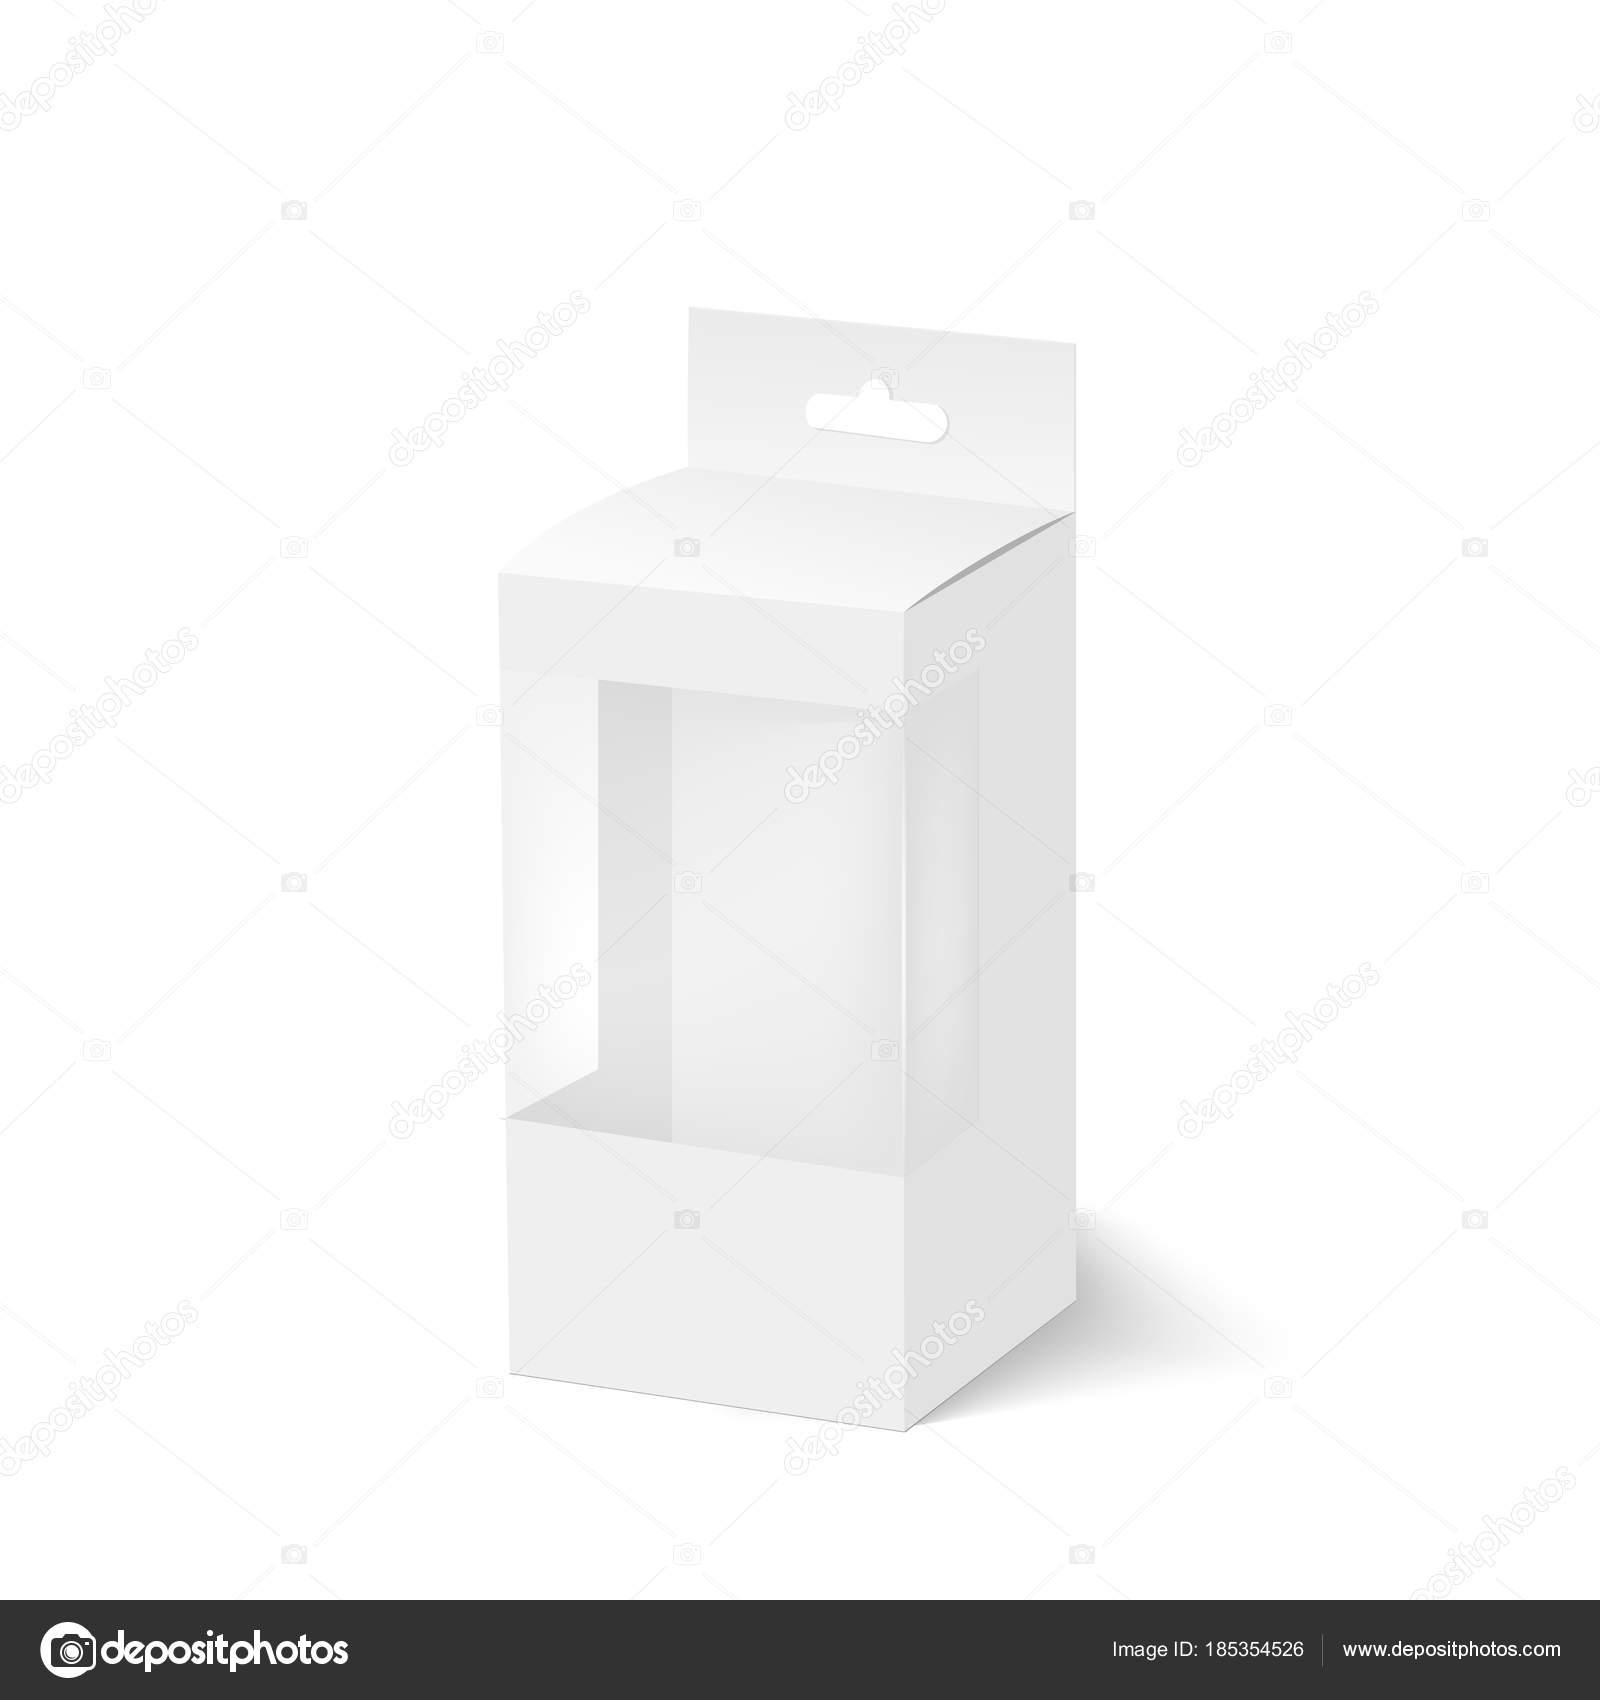 Пустые коробки с пластиковые окна и повесить слот. Вектор.